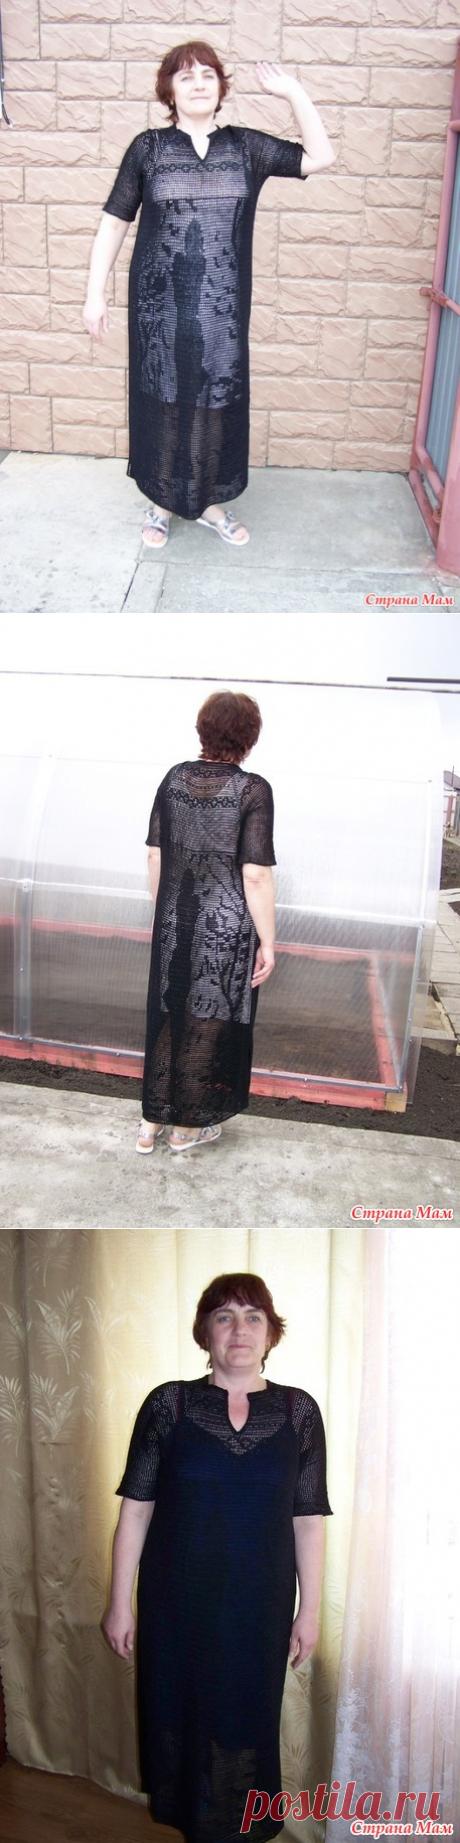 """Платье """"Уходящая грусть"""" (крючком) - Вязание - Страна Мам"""